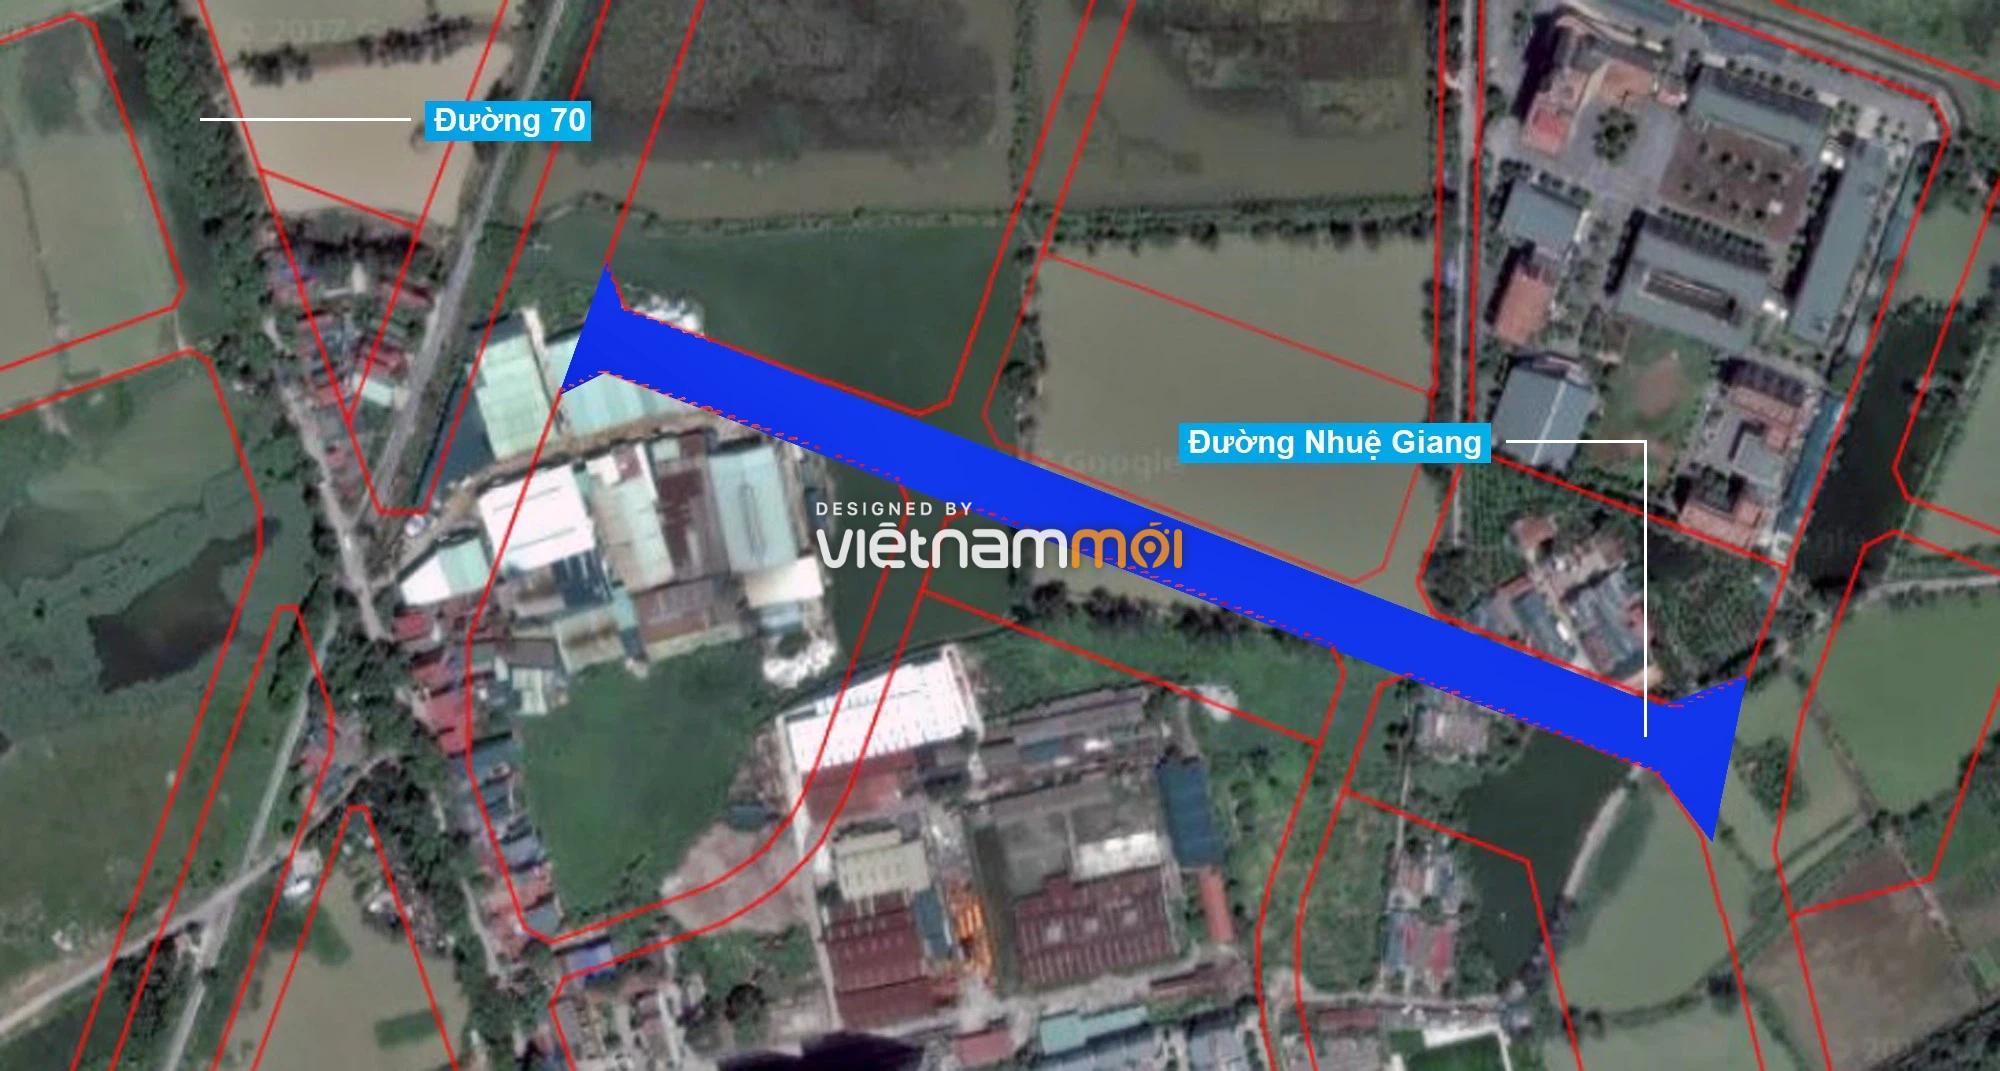 Những khu đất sắp thu hồi để mở đường ở phường Tây Mỗ, Nam Từ Liêm, Hà Nội (phần 2) - Ảnh 12.